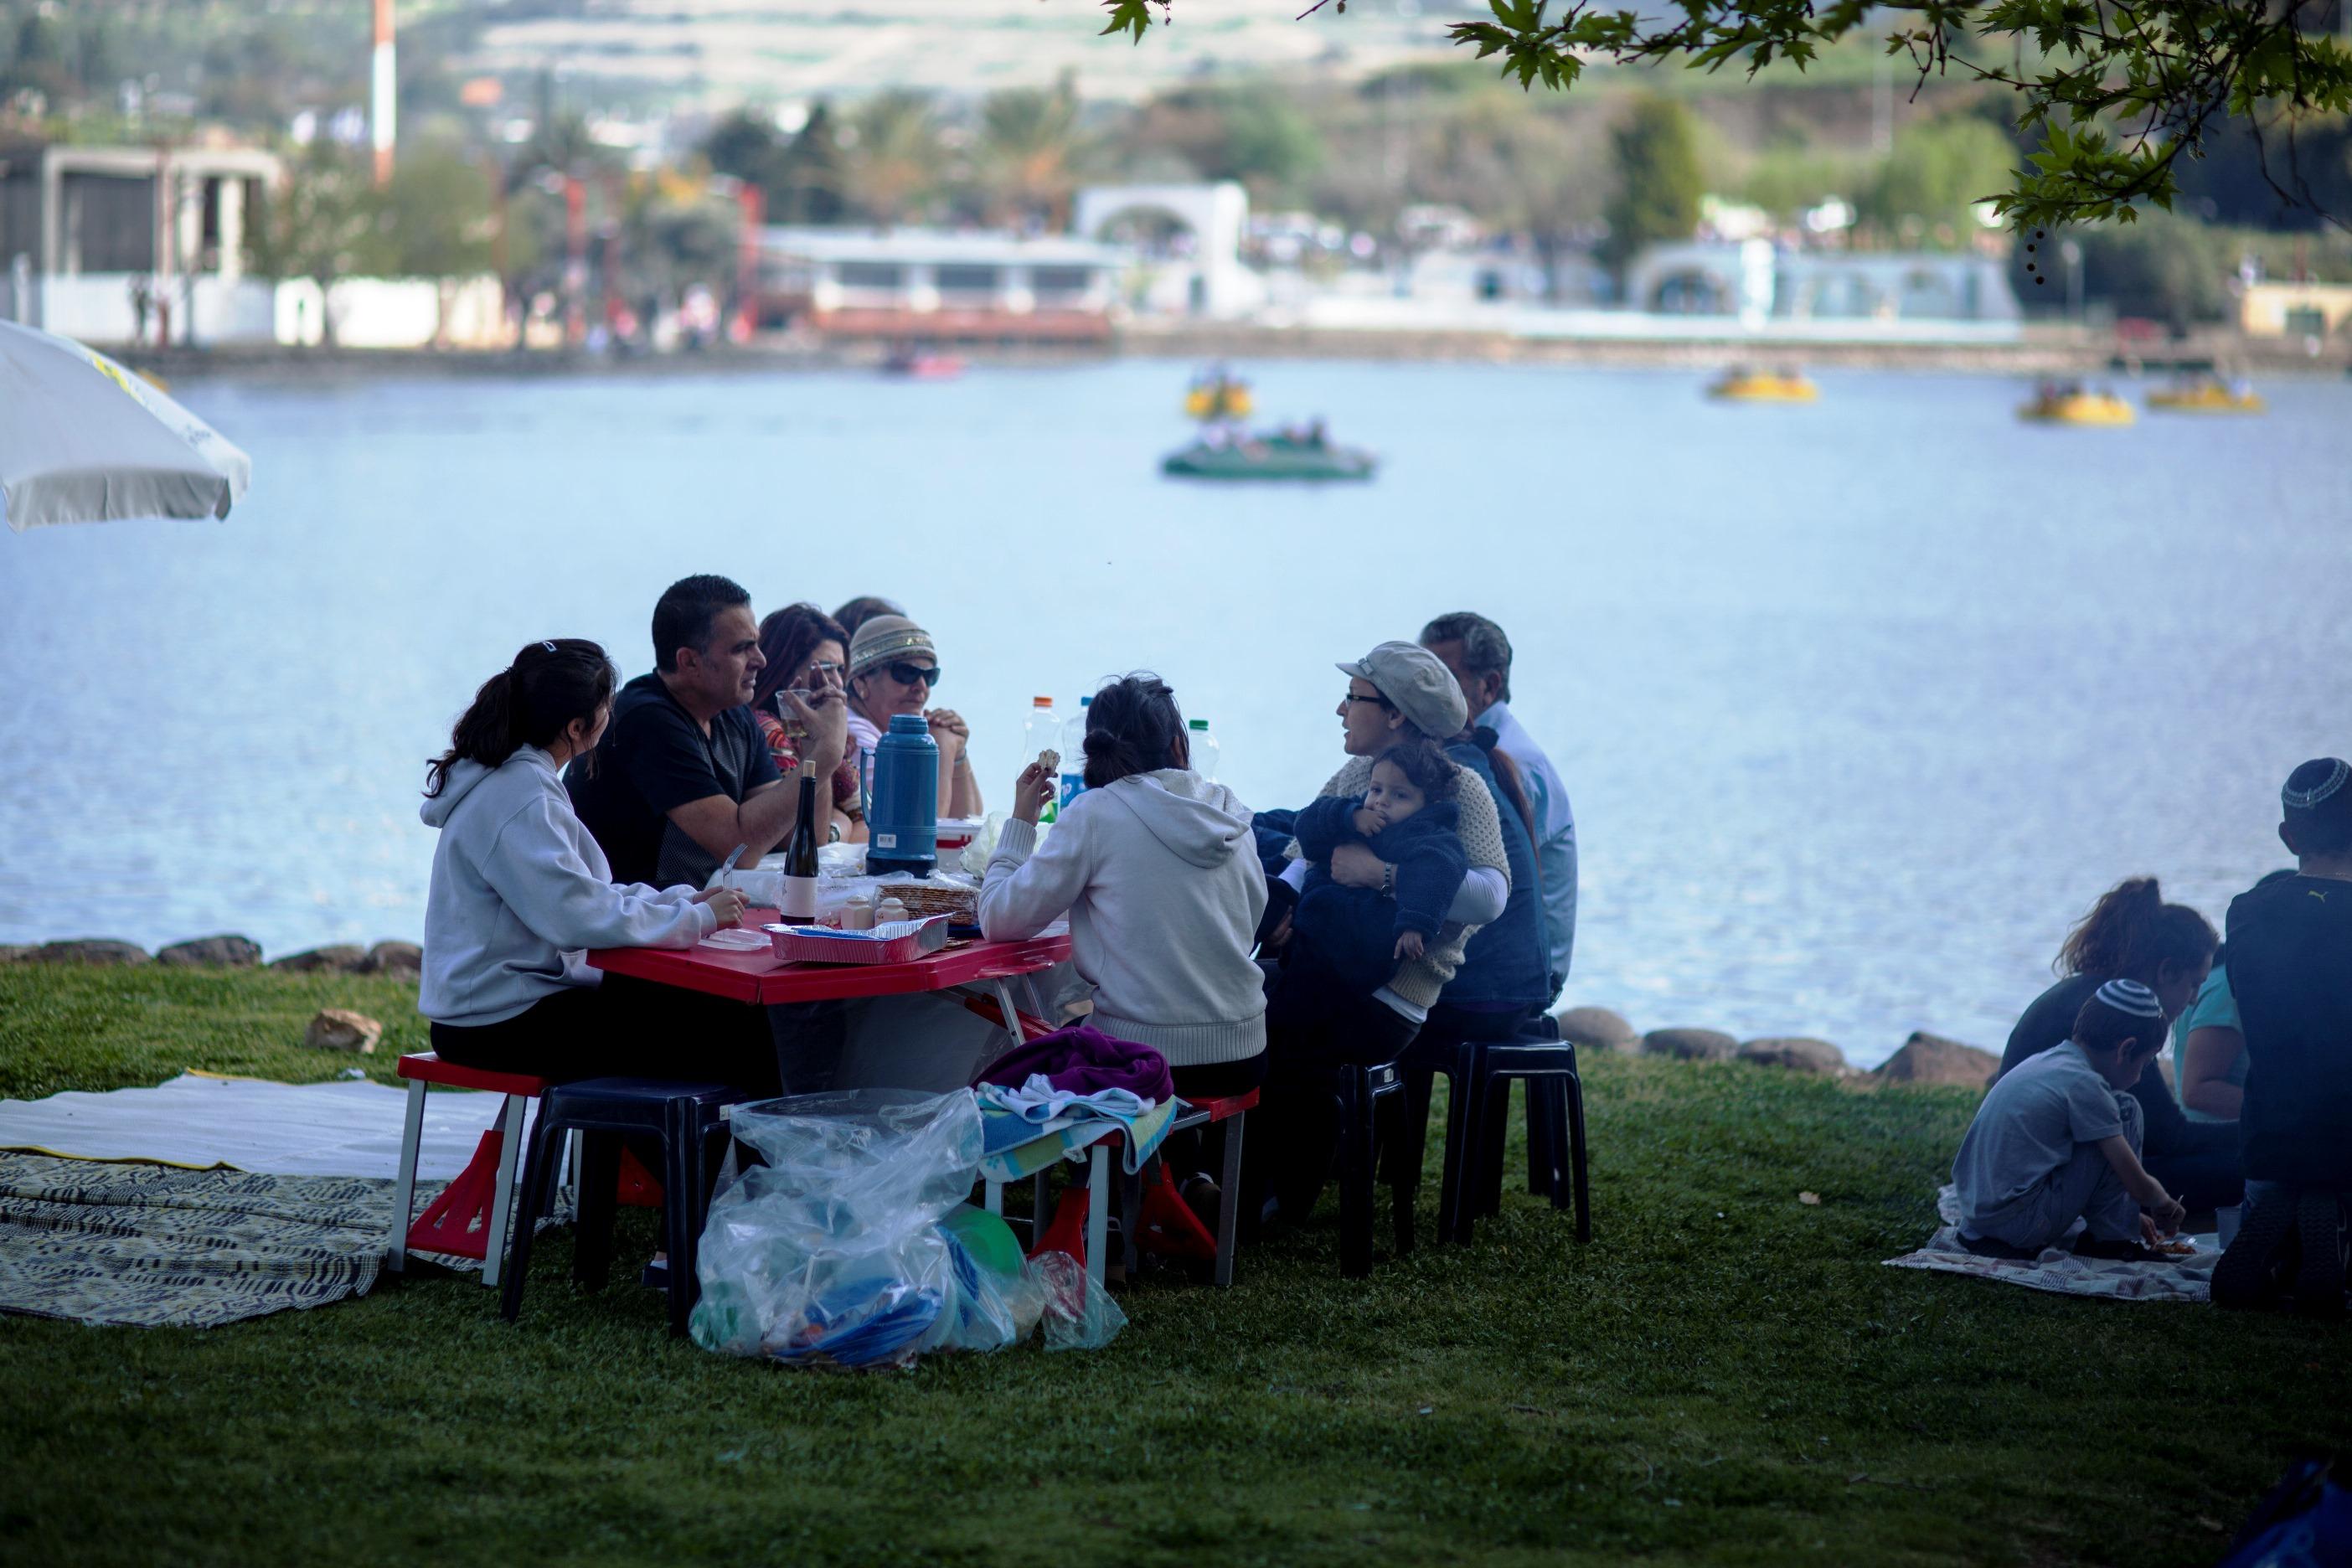 יום פיקניק באגם מונפורט (צילום: אוצרות הגליל)